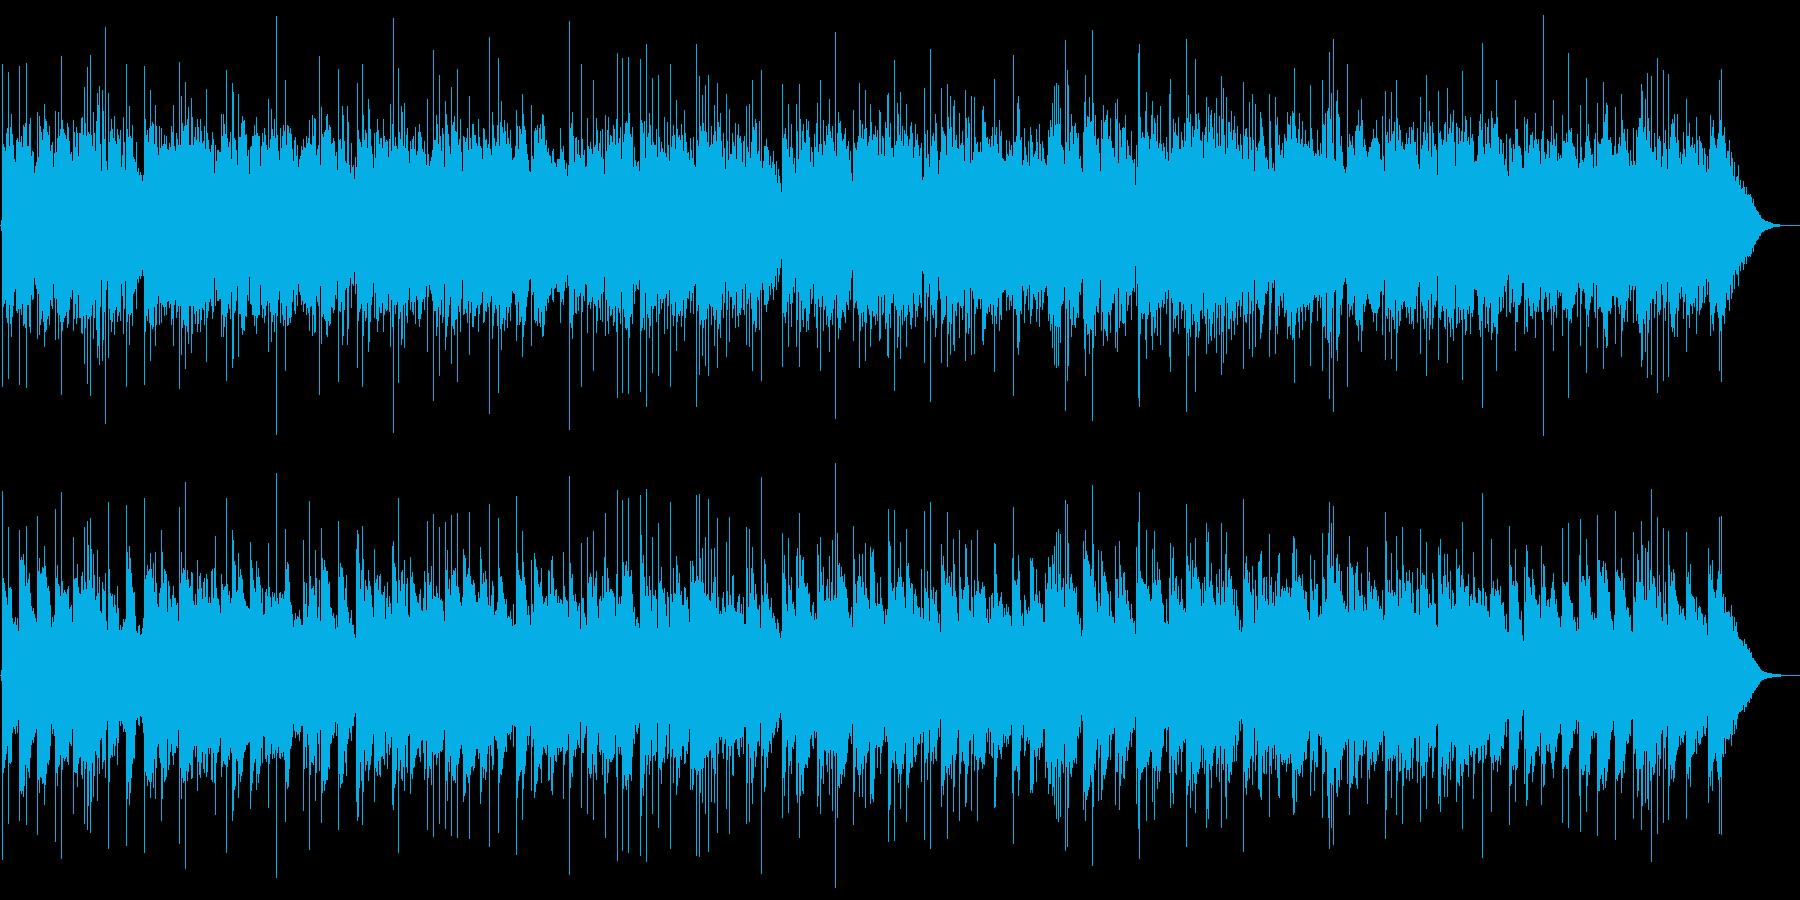 繊細で清らかなアコギバラードの再生済みの波形